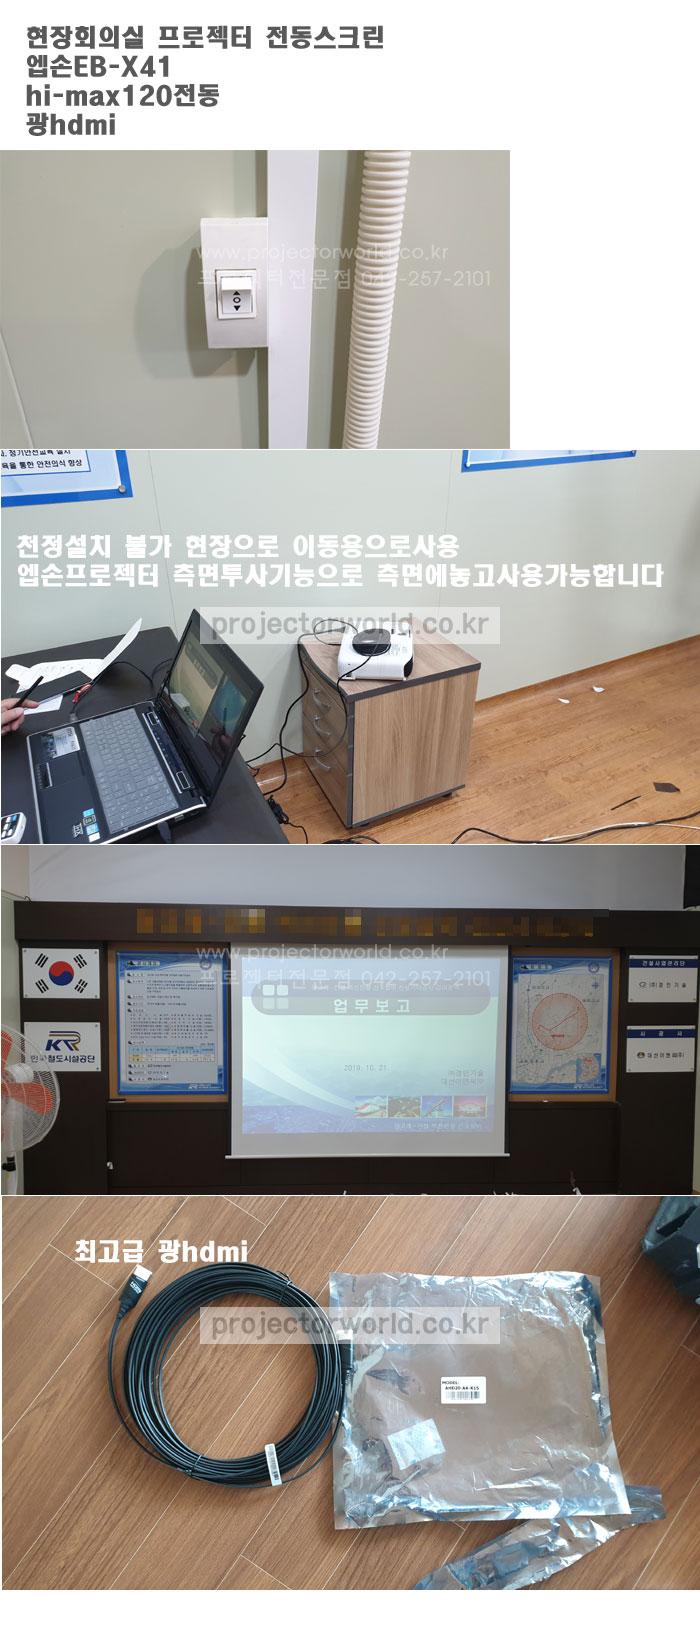 대전프로젝터빔,eb-x41설치,광hdmi,unive-hdmi,